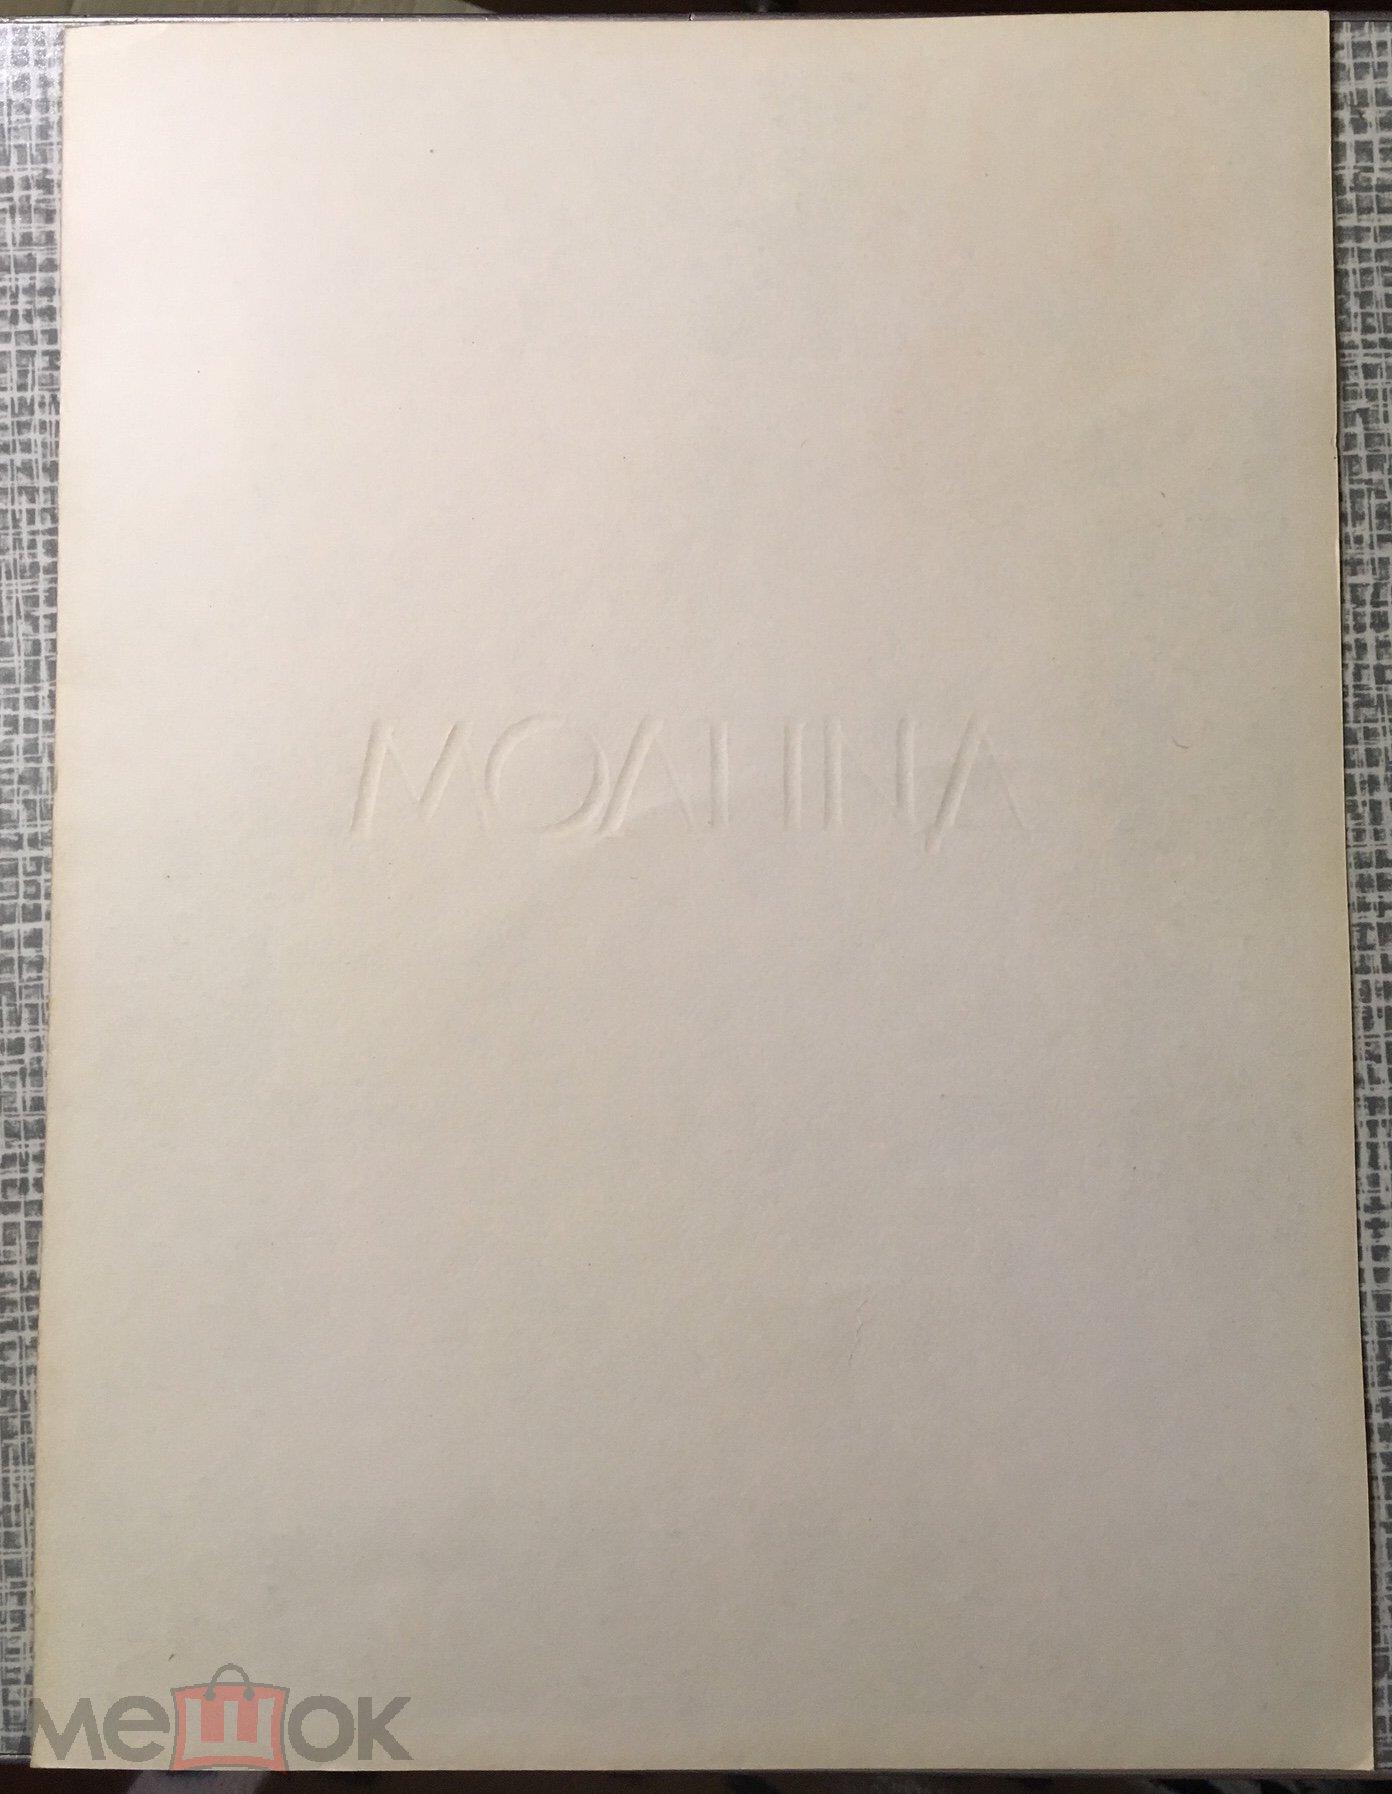 ДИПЛОМ ДОСААФ чистый бланк СССР трт торги завершены  Все фото на одной странице